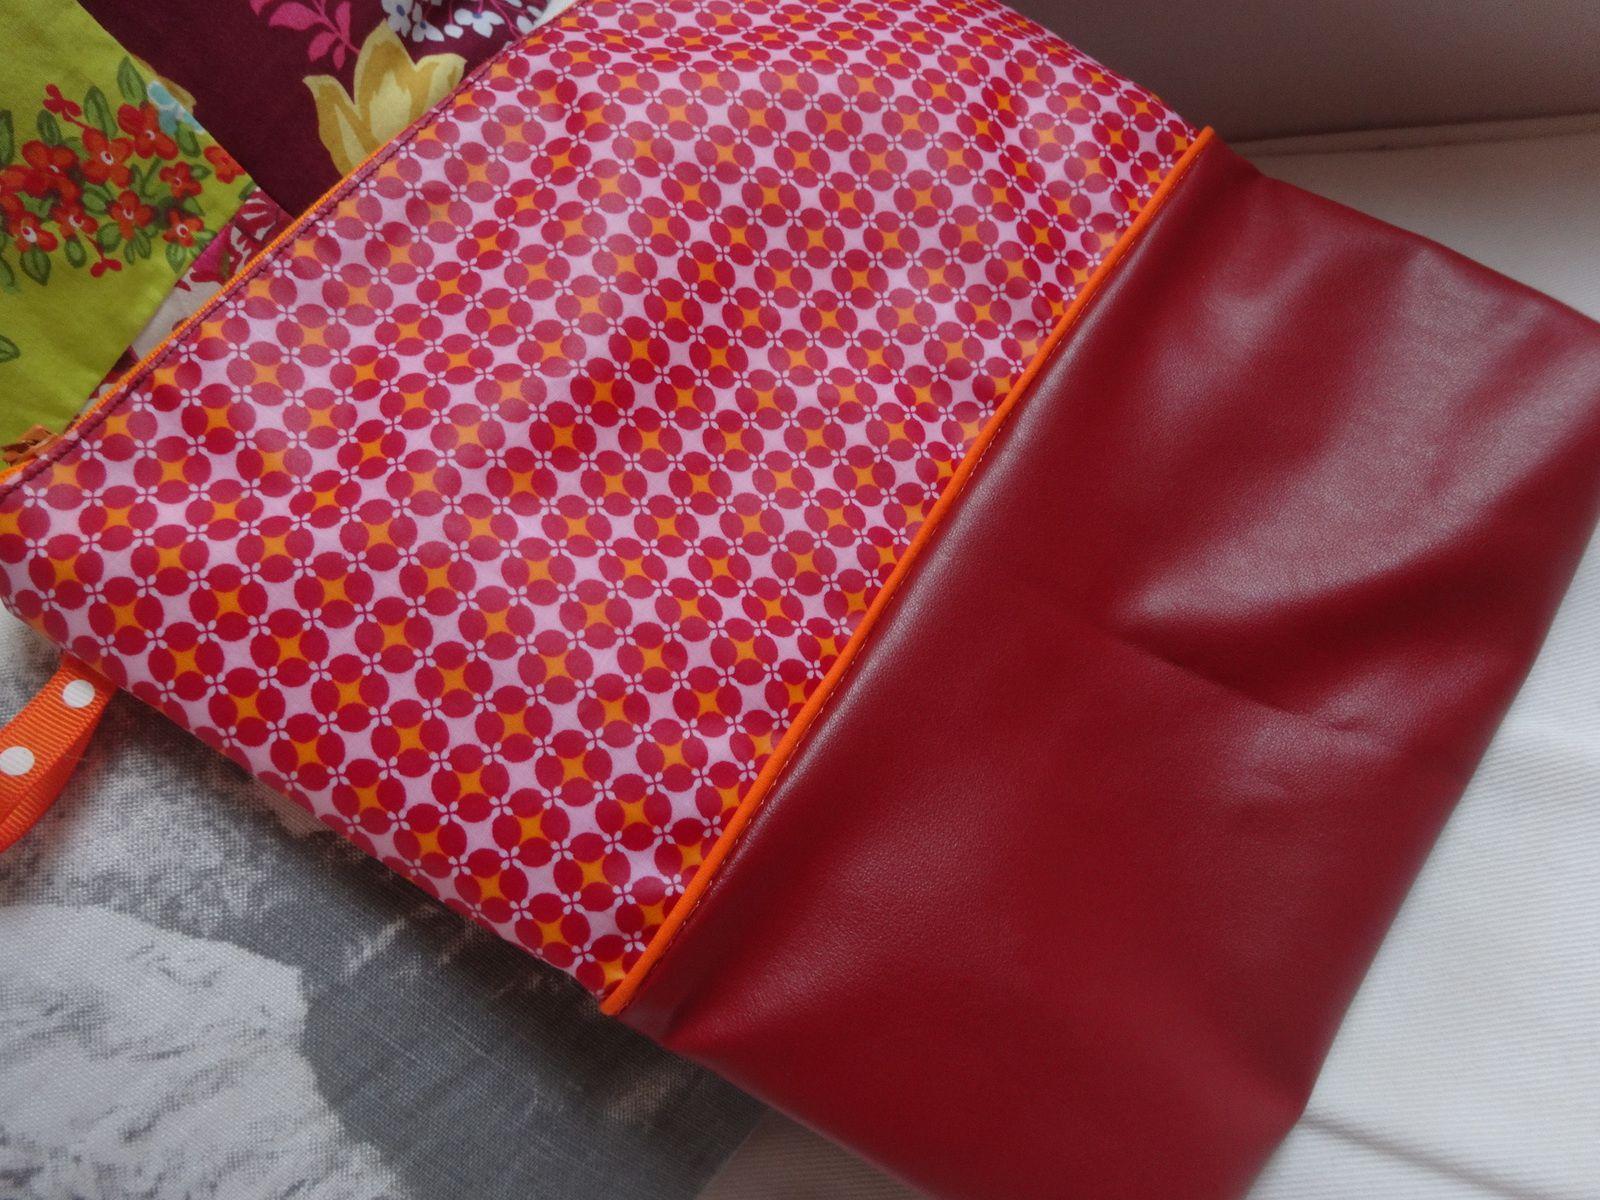 Le sac rouge de mes chaussettes rouges